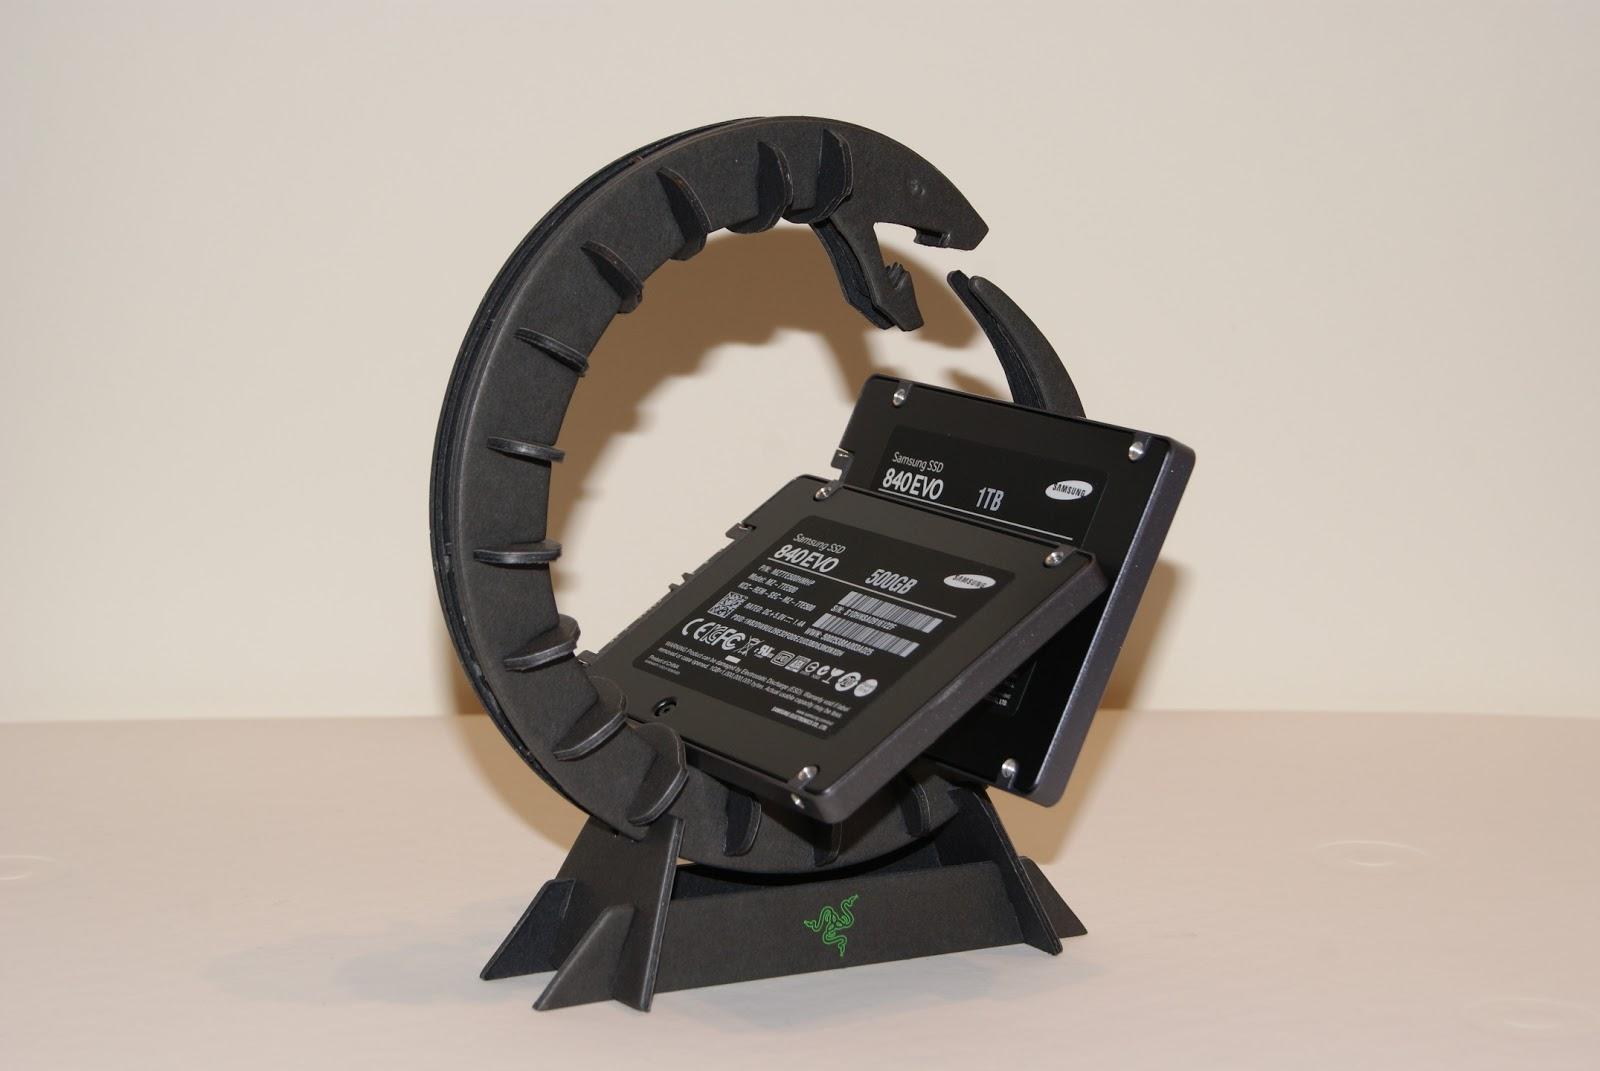 SSD Samsung 840 Evo 1 TB y 840 Evo 500 GB